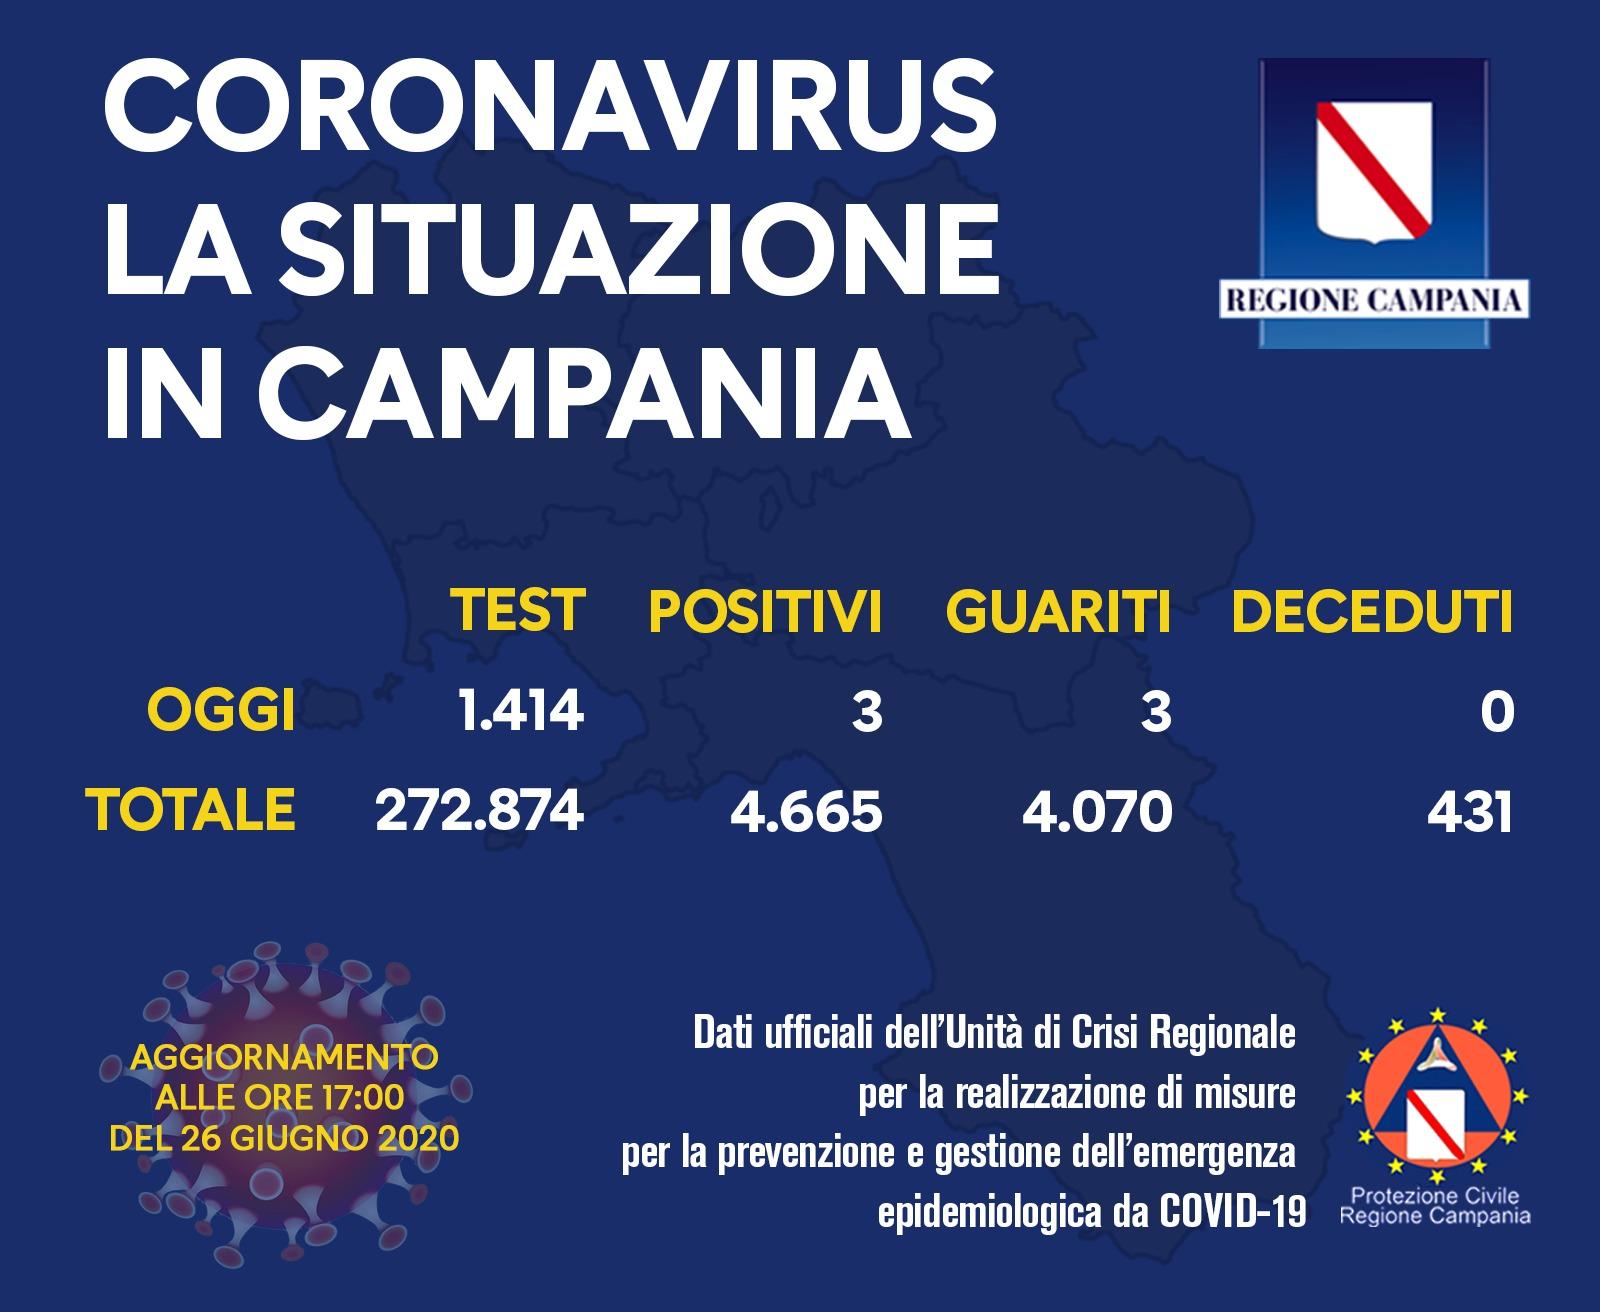 Photo of Coronavirus in Campania, il bollettino del 26 giugno: diminuiscono i contagi